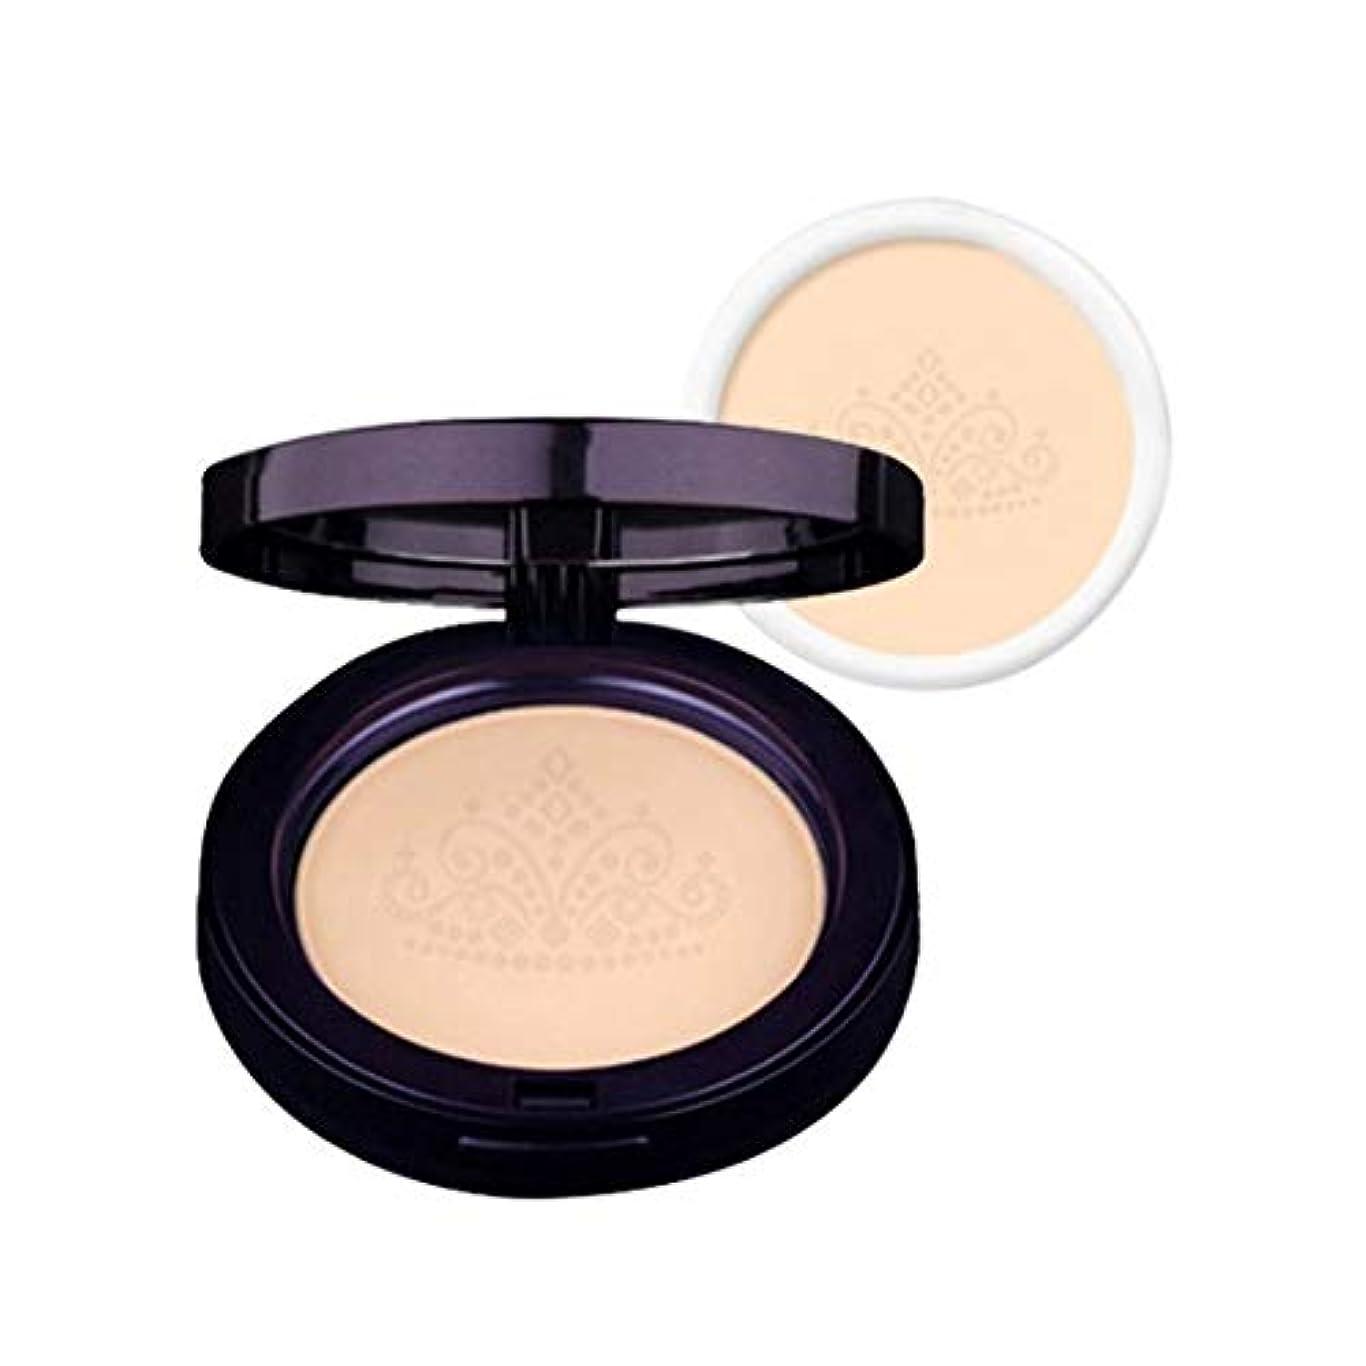 悪化させるフィードオン排泄物ラクベルクイーンズファクト本品+リピルセット2カラー韓国コスメ、Lacvert Queen's Pact+ Refill Set 2 Colors Korean Cosmetics [並行輸入品] (No. 21)